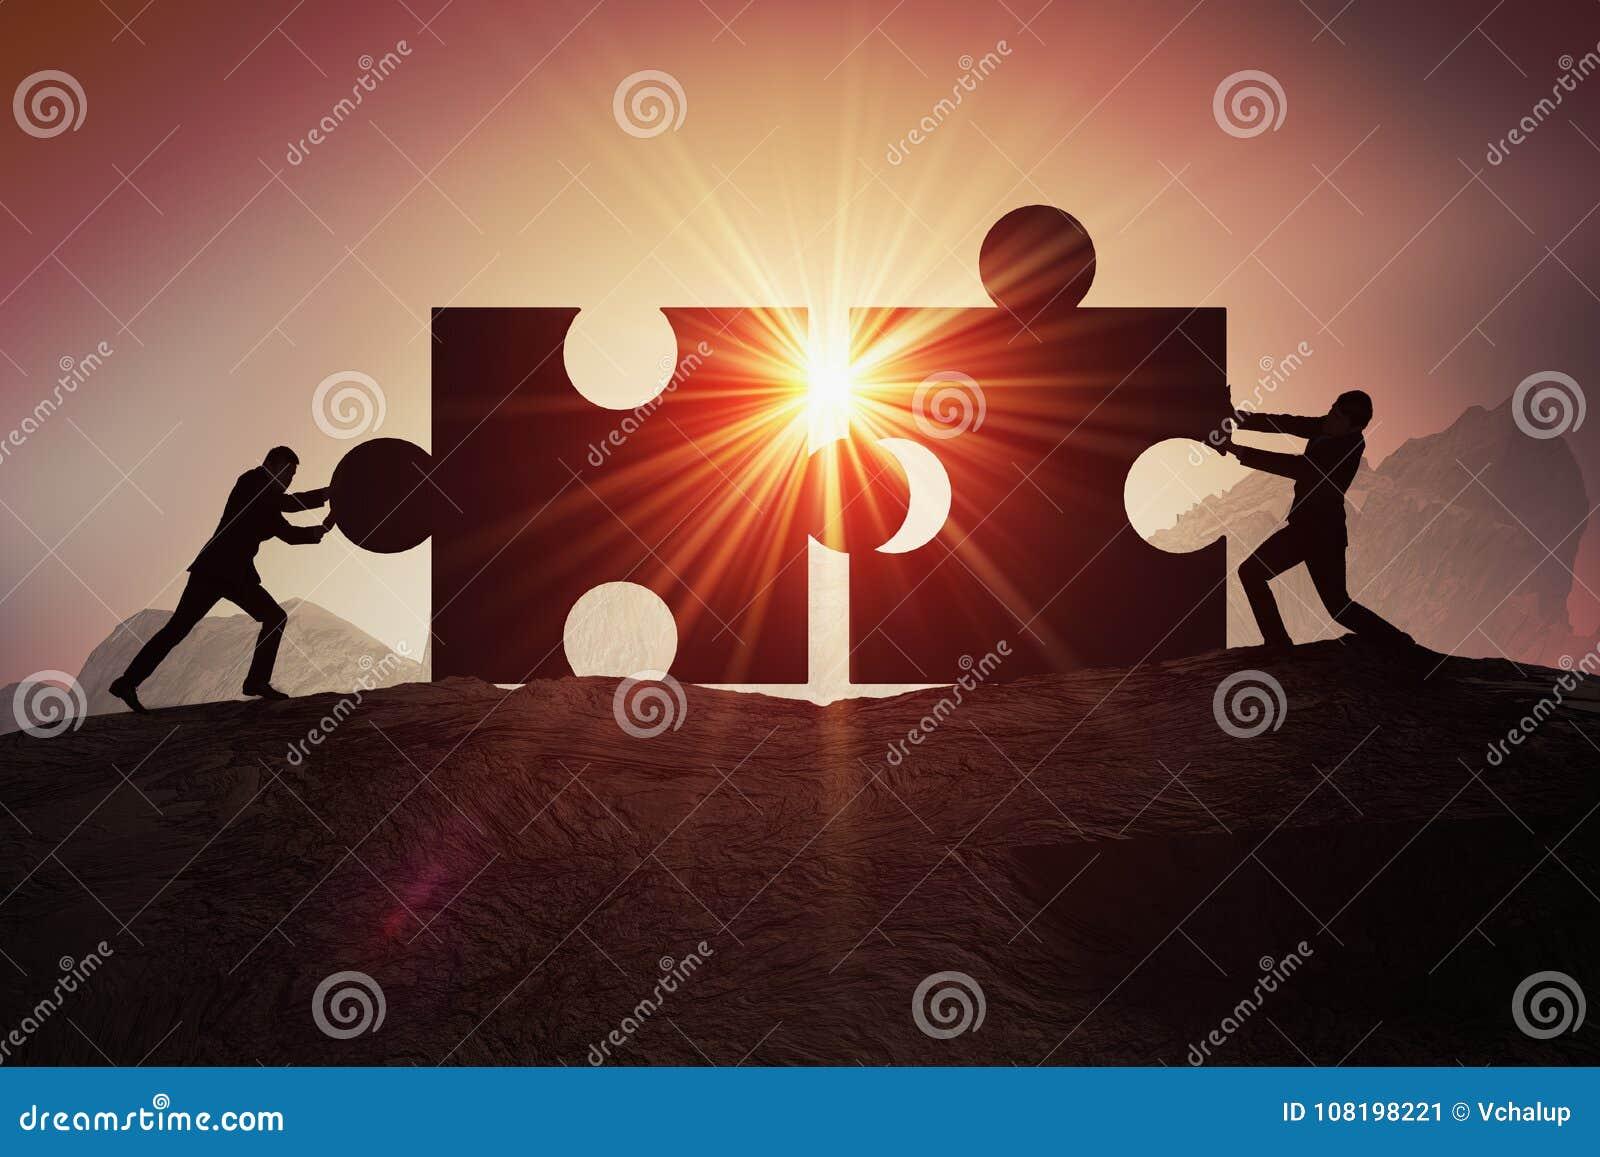 Travail d équipe, association et concept de coopération Silhouettes de l homme d affaires deux joignant deux morceaux de puzzle e